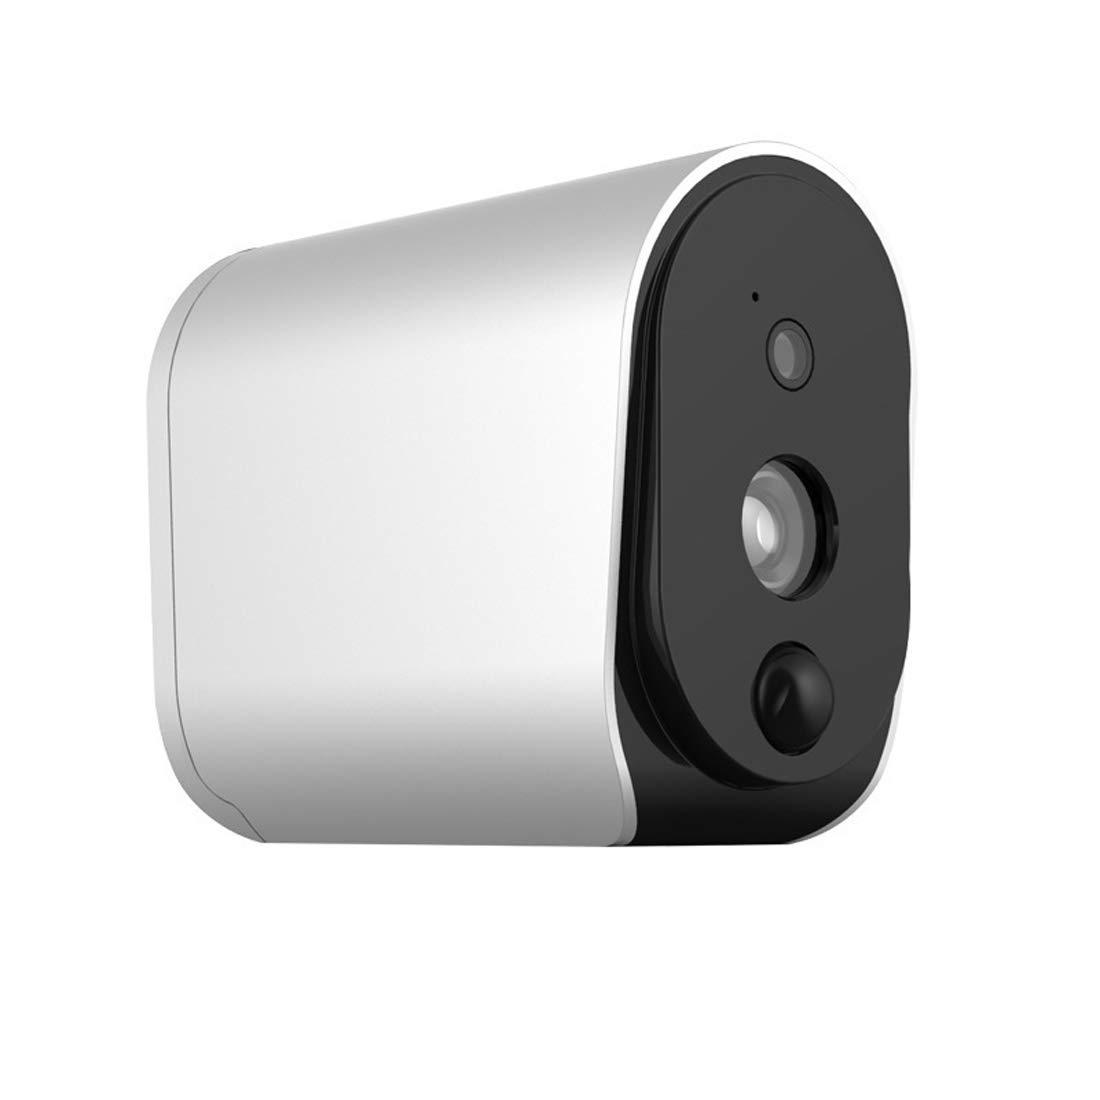 【ご予約品】 ノウ建材貿易 1080pホームセキュリティカメラ、屋内IP監視システム、夜間ビジョンモーション検出付き家庭/オフィス/ベビー/ペットモニター用の双方向オーディオ   B07QM897QV, ジーンズ専門店Basis d3b1d083